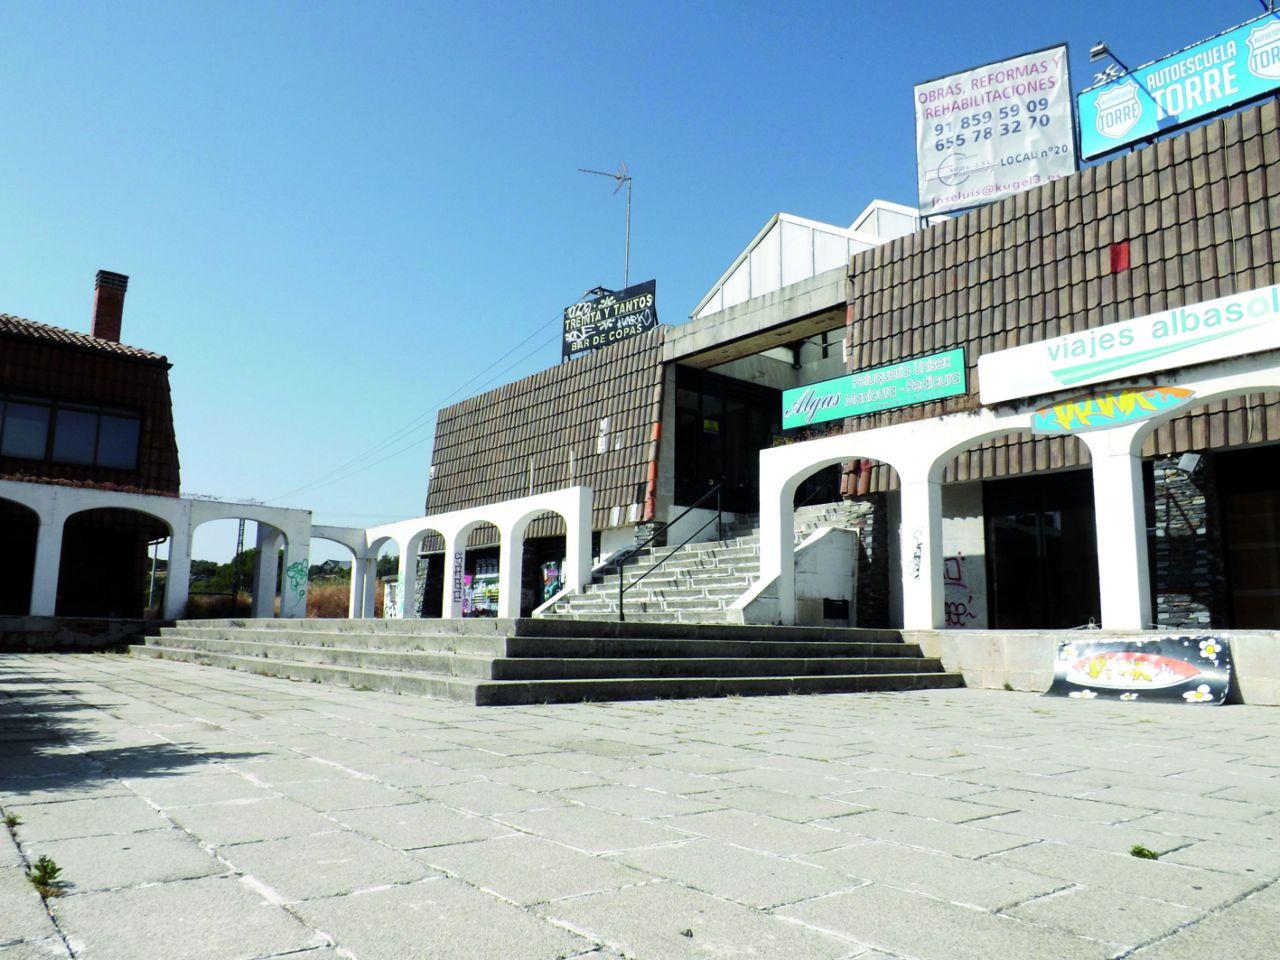 El Zoco